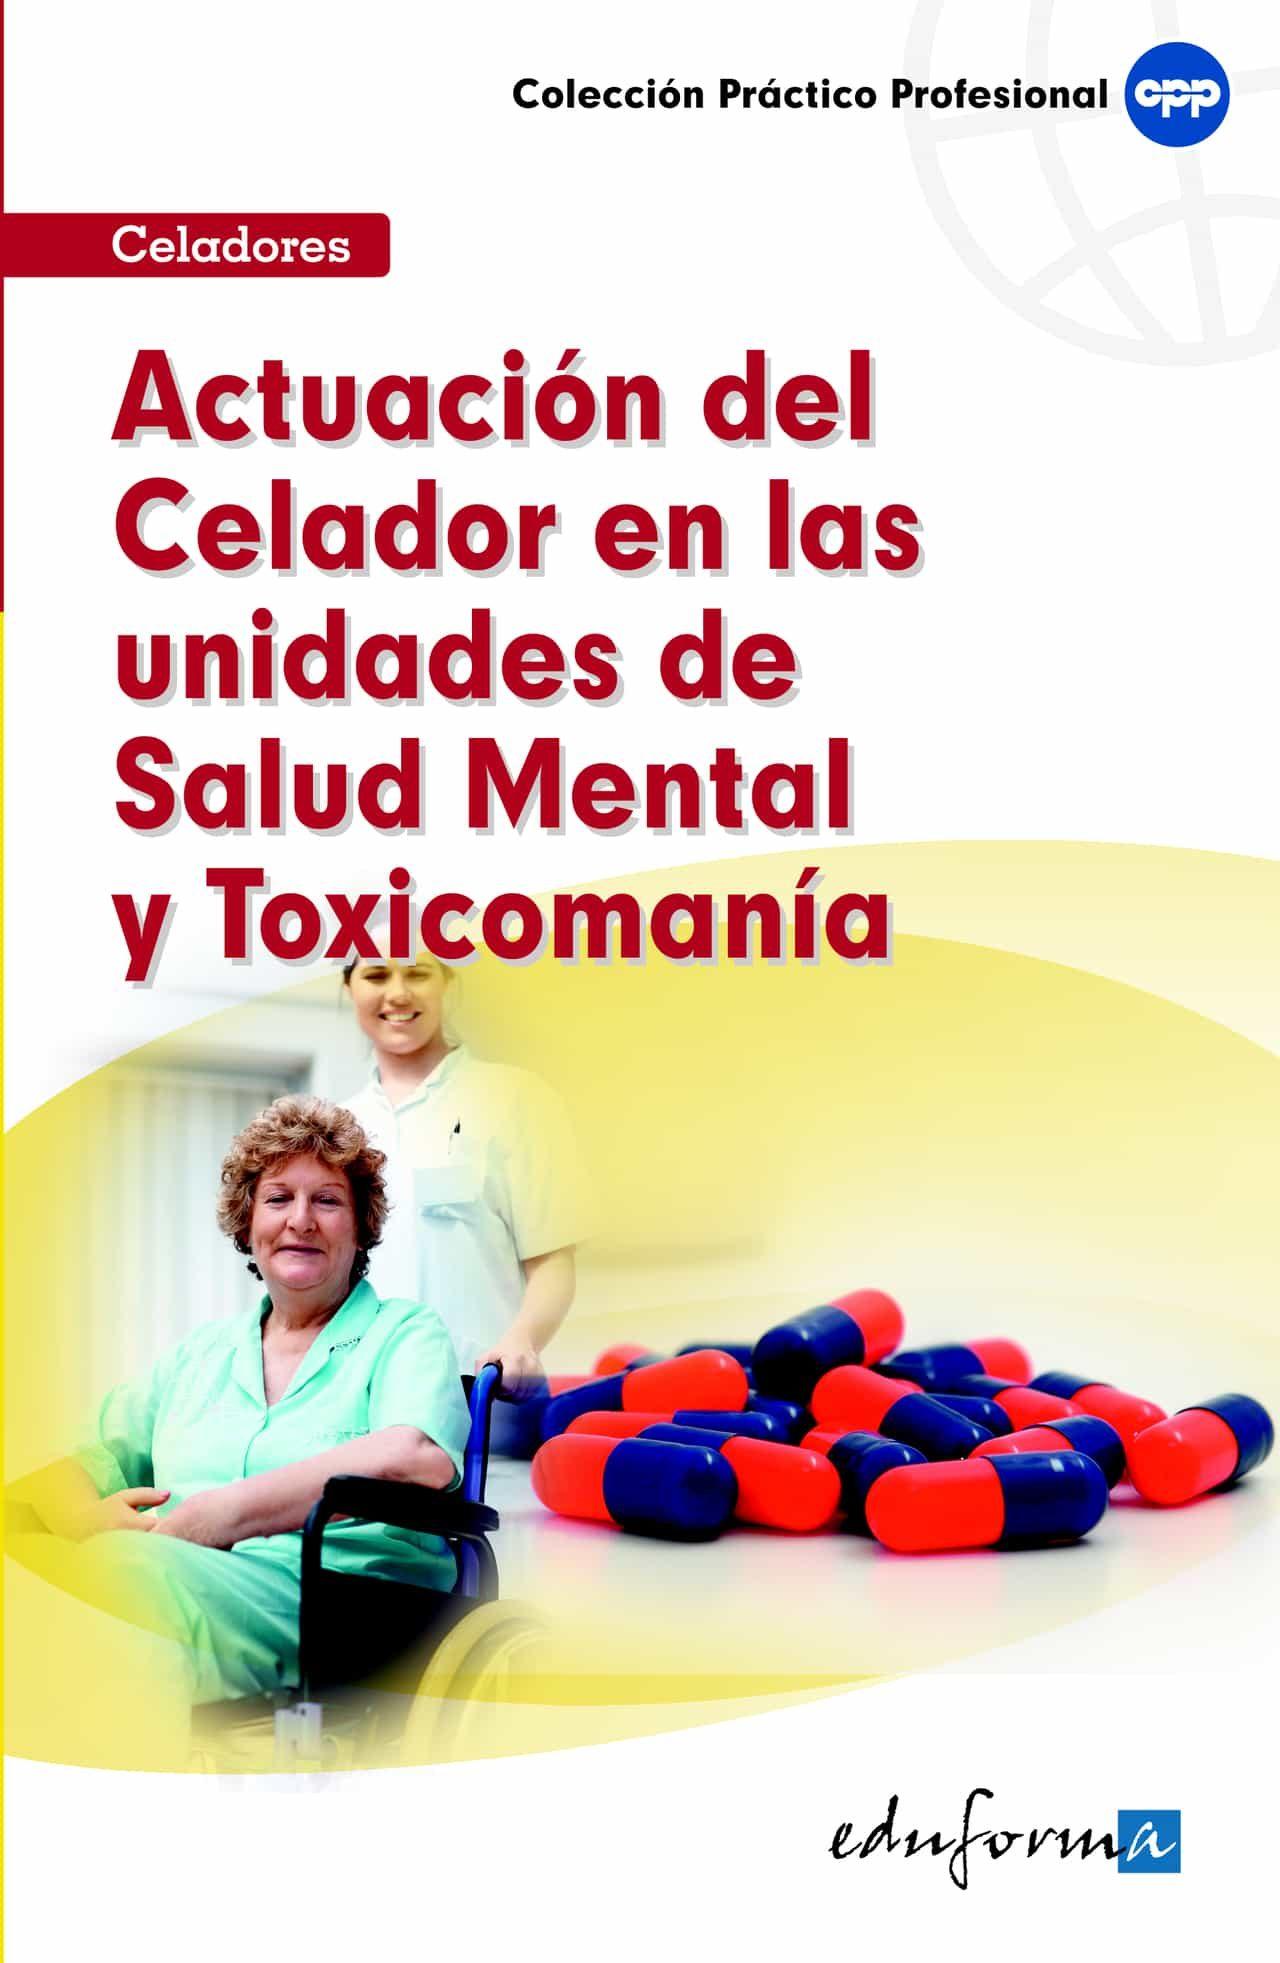 Actuacion Del Celador En Las Unidades De Salud Mental Y Toxicoman Ias - Vv.aa.